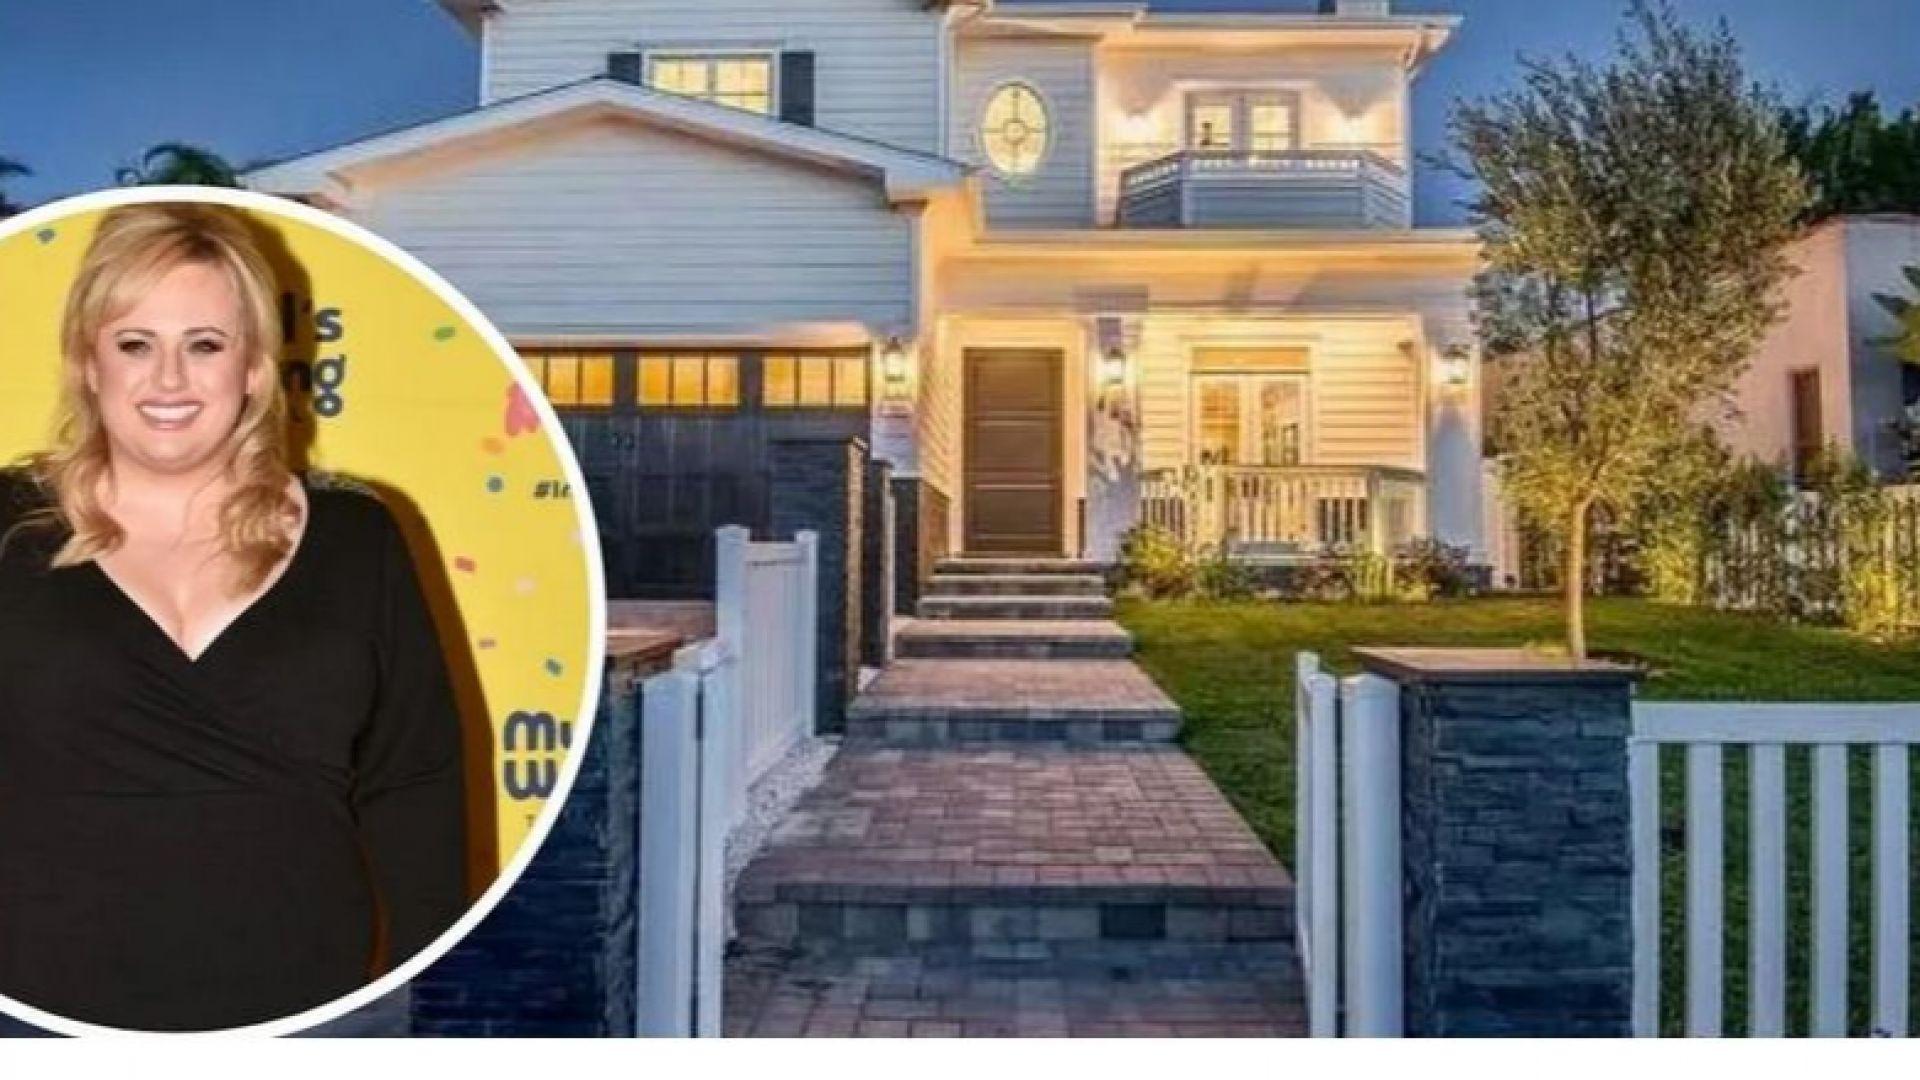 """Влезте в холивудското имение на Ребъл Уилсън за """"скромните"""" 3 млн. долара (снимки)"""